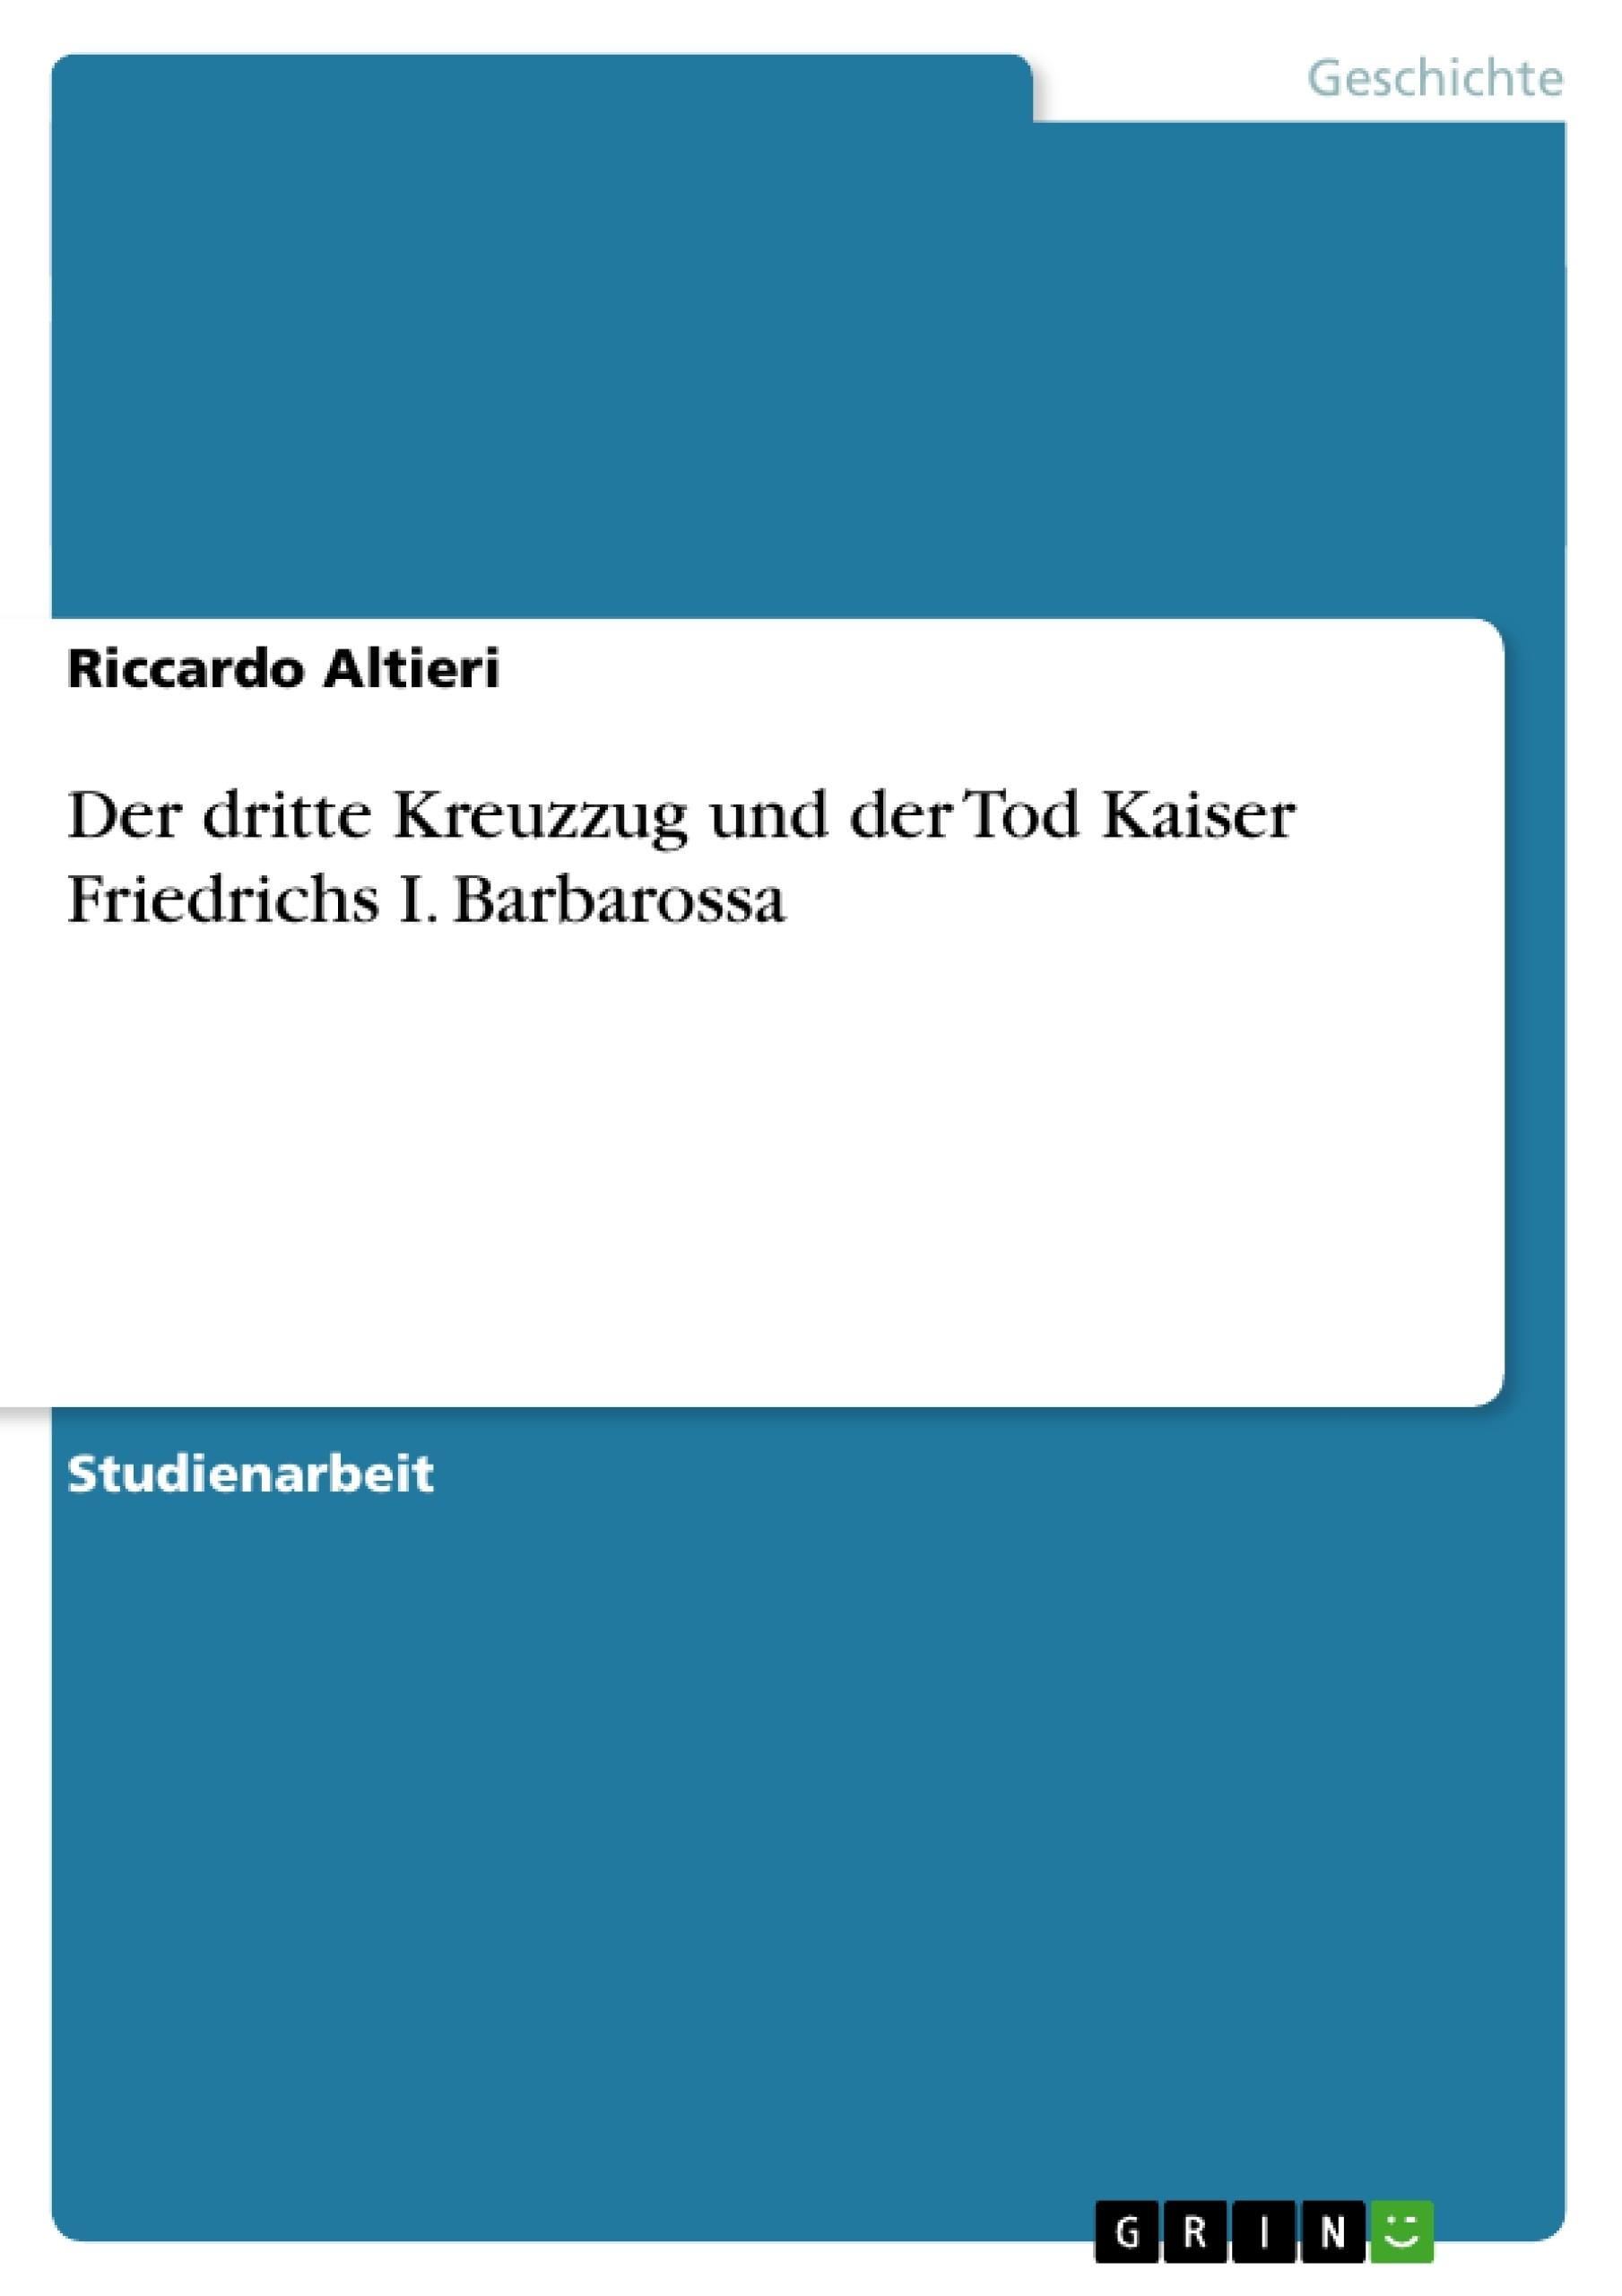 Titel: Der dritte Kreuzzug und der Tod Kaiser Friedrichs I. Barbarossa